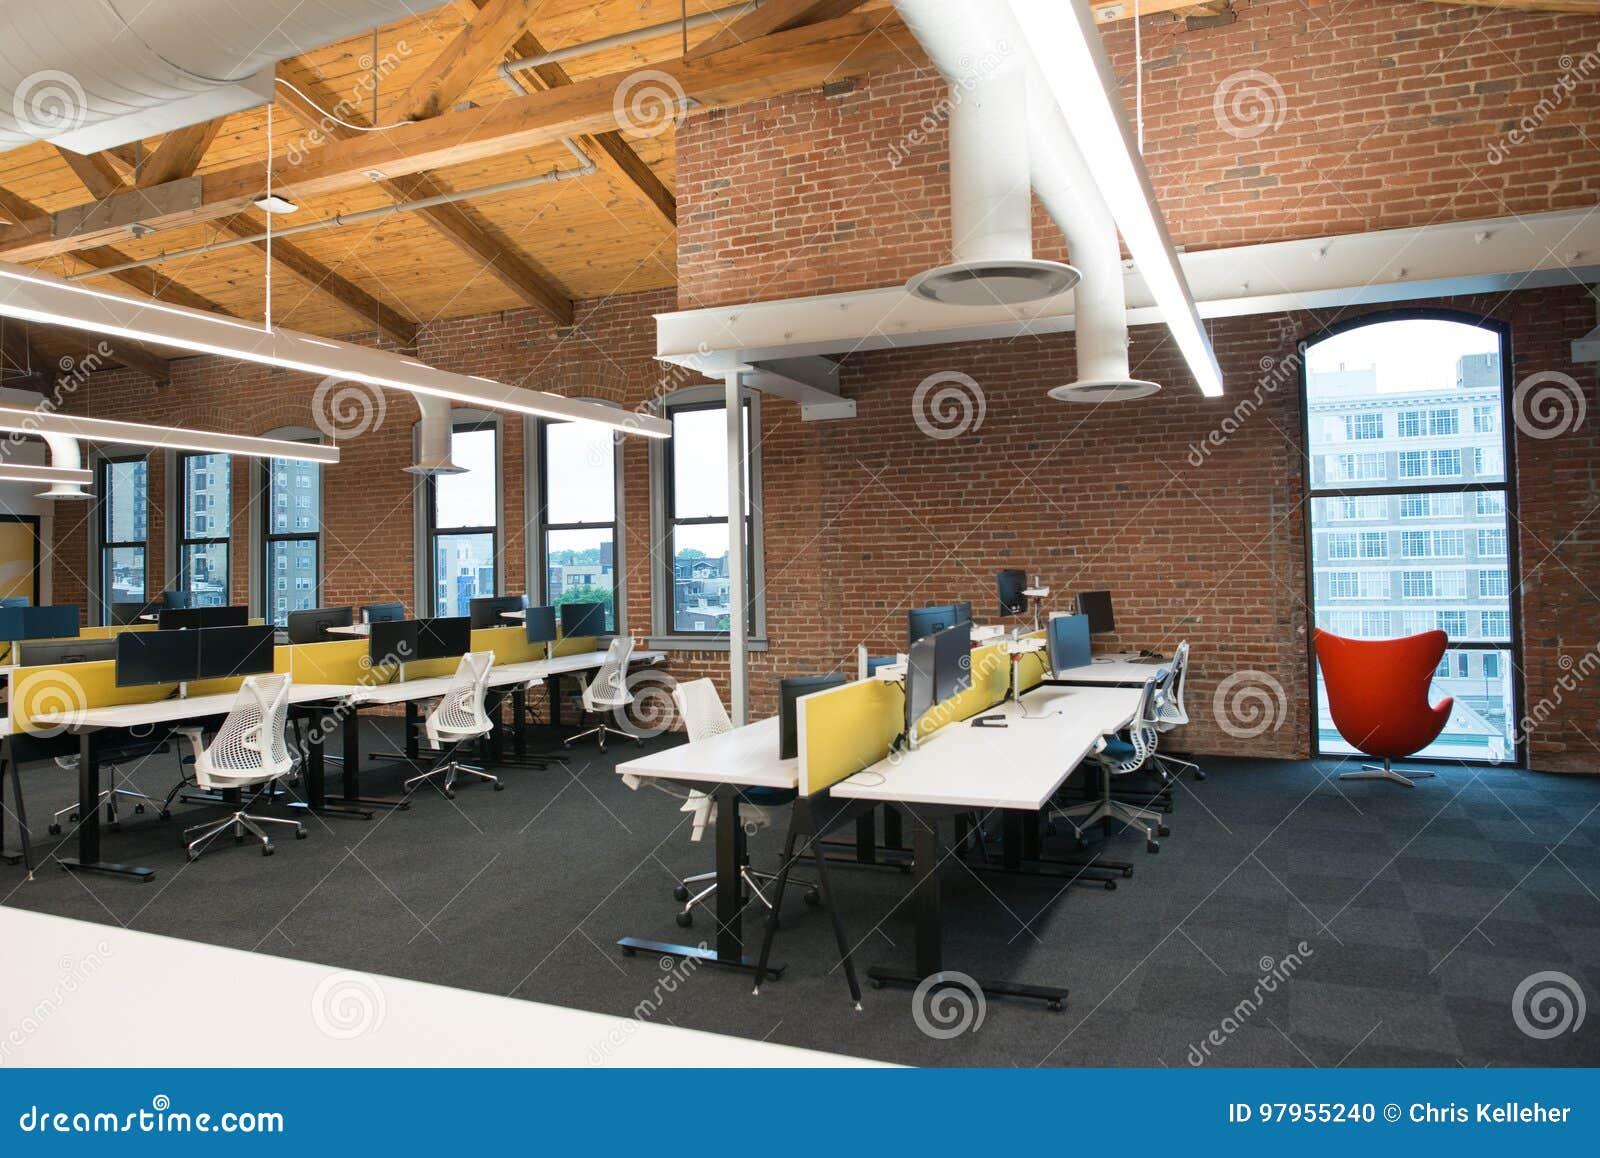 Modische Moderne Offene Konzeptdachboden-Büroräume Mit Großen ...